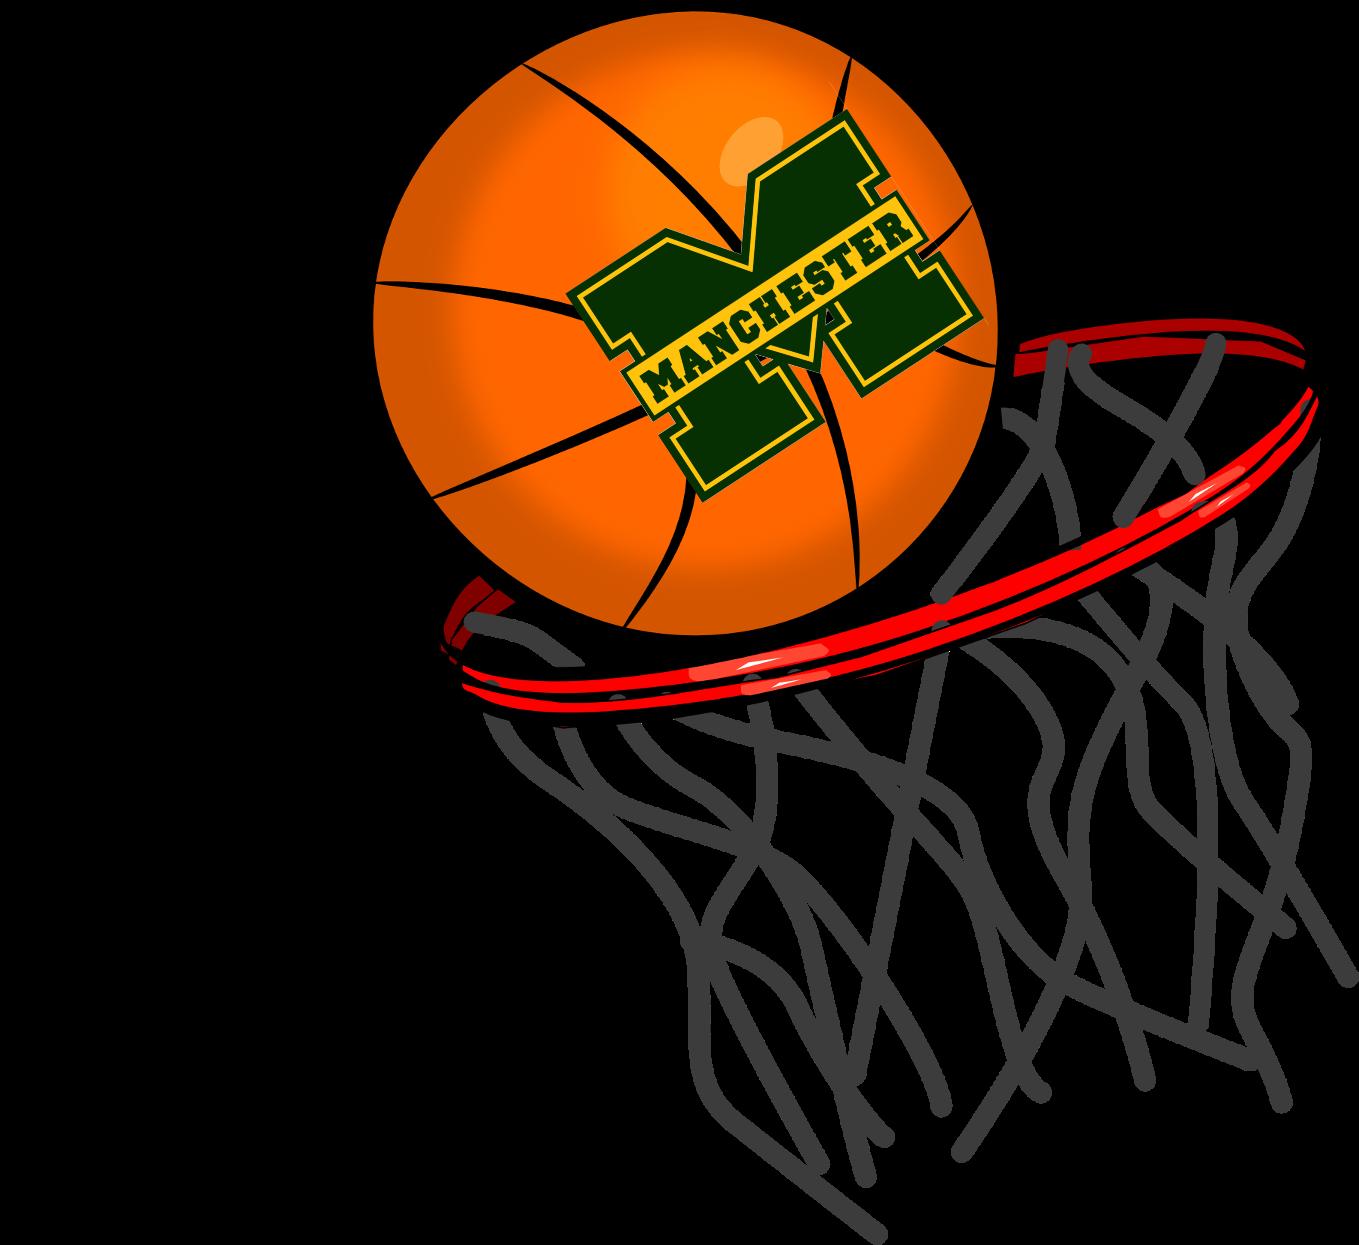 M Basketball Image